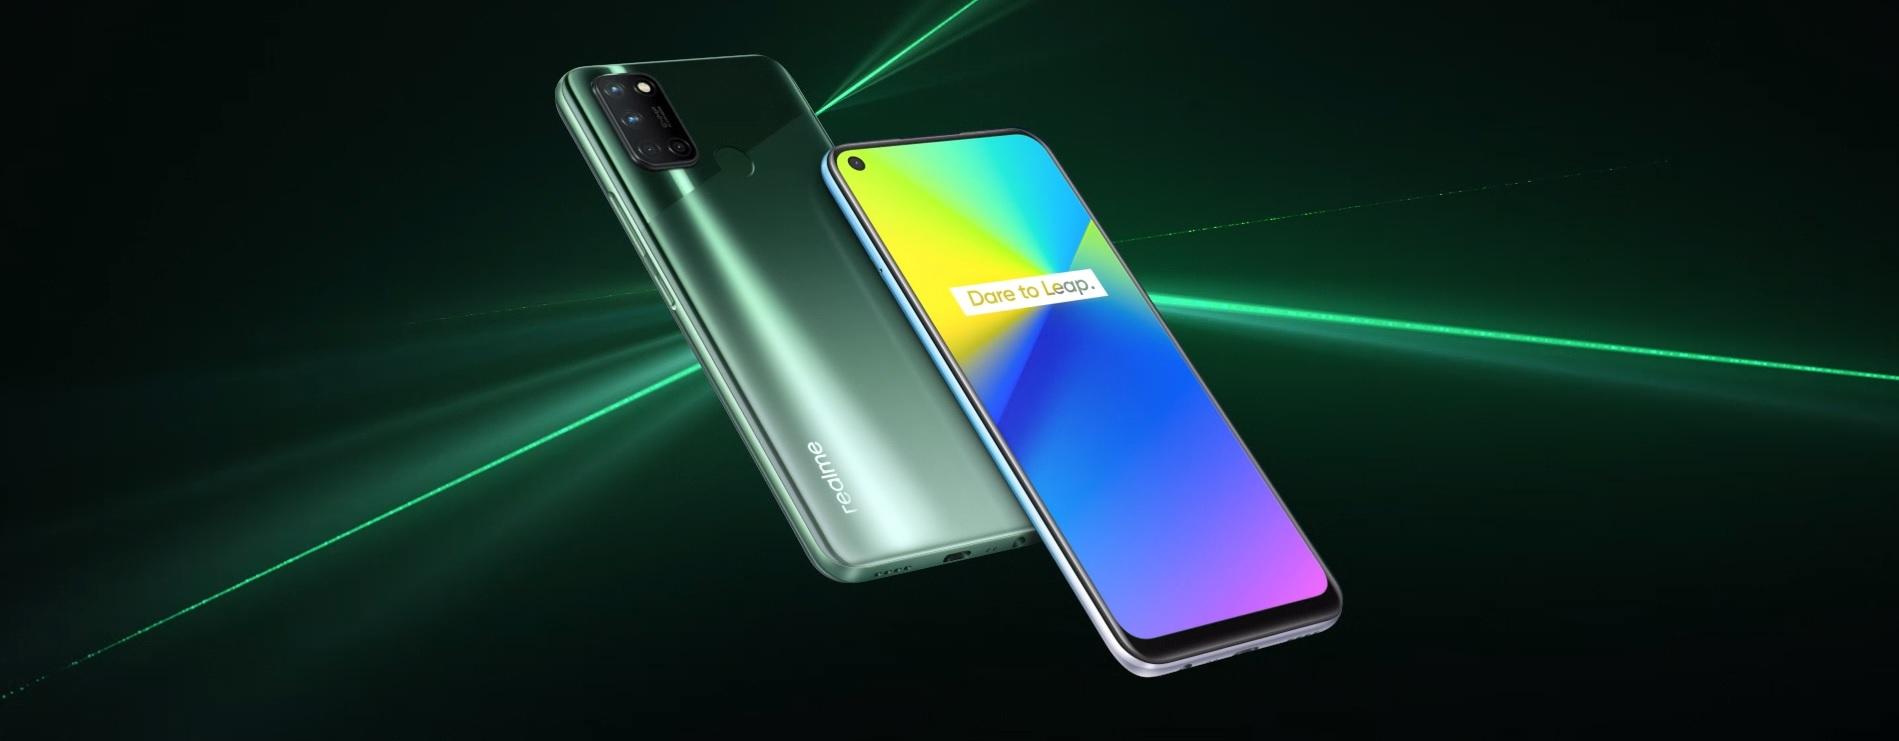 smartfon realme 7i smartphone